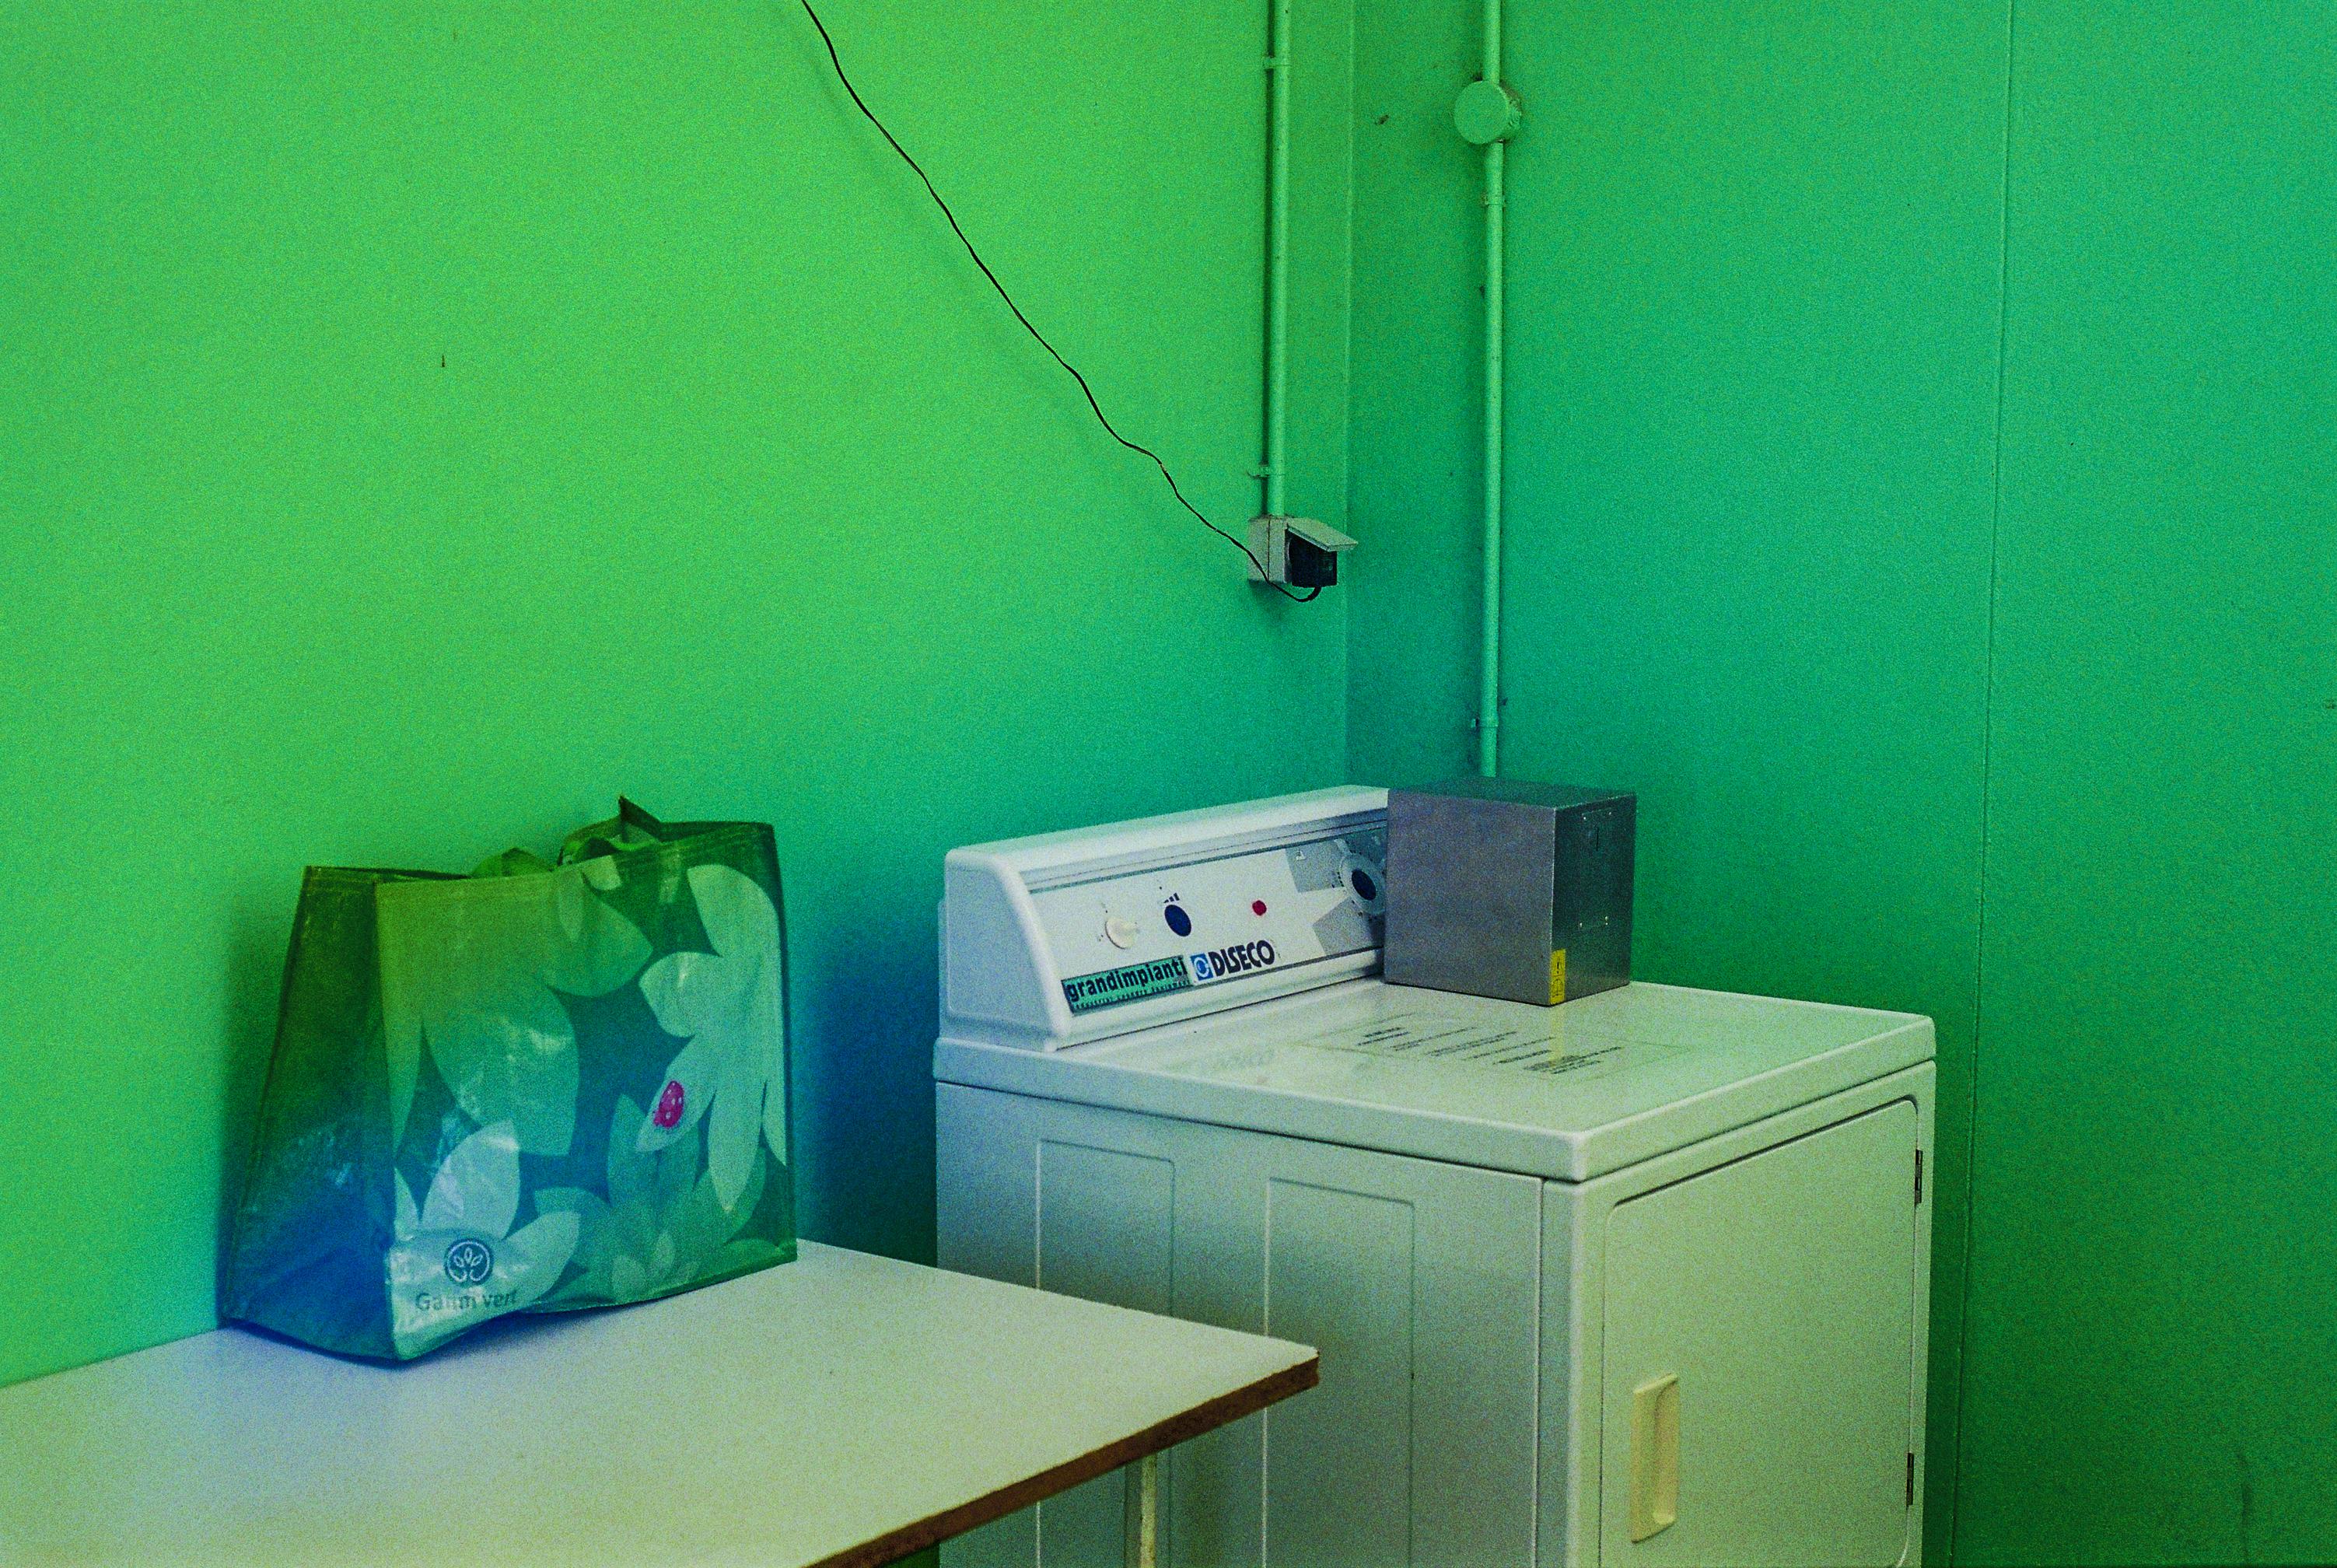 12 « Kiliwatch Paris Concept Store